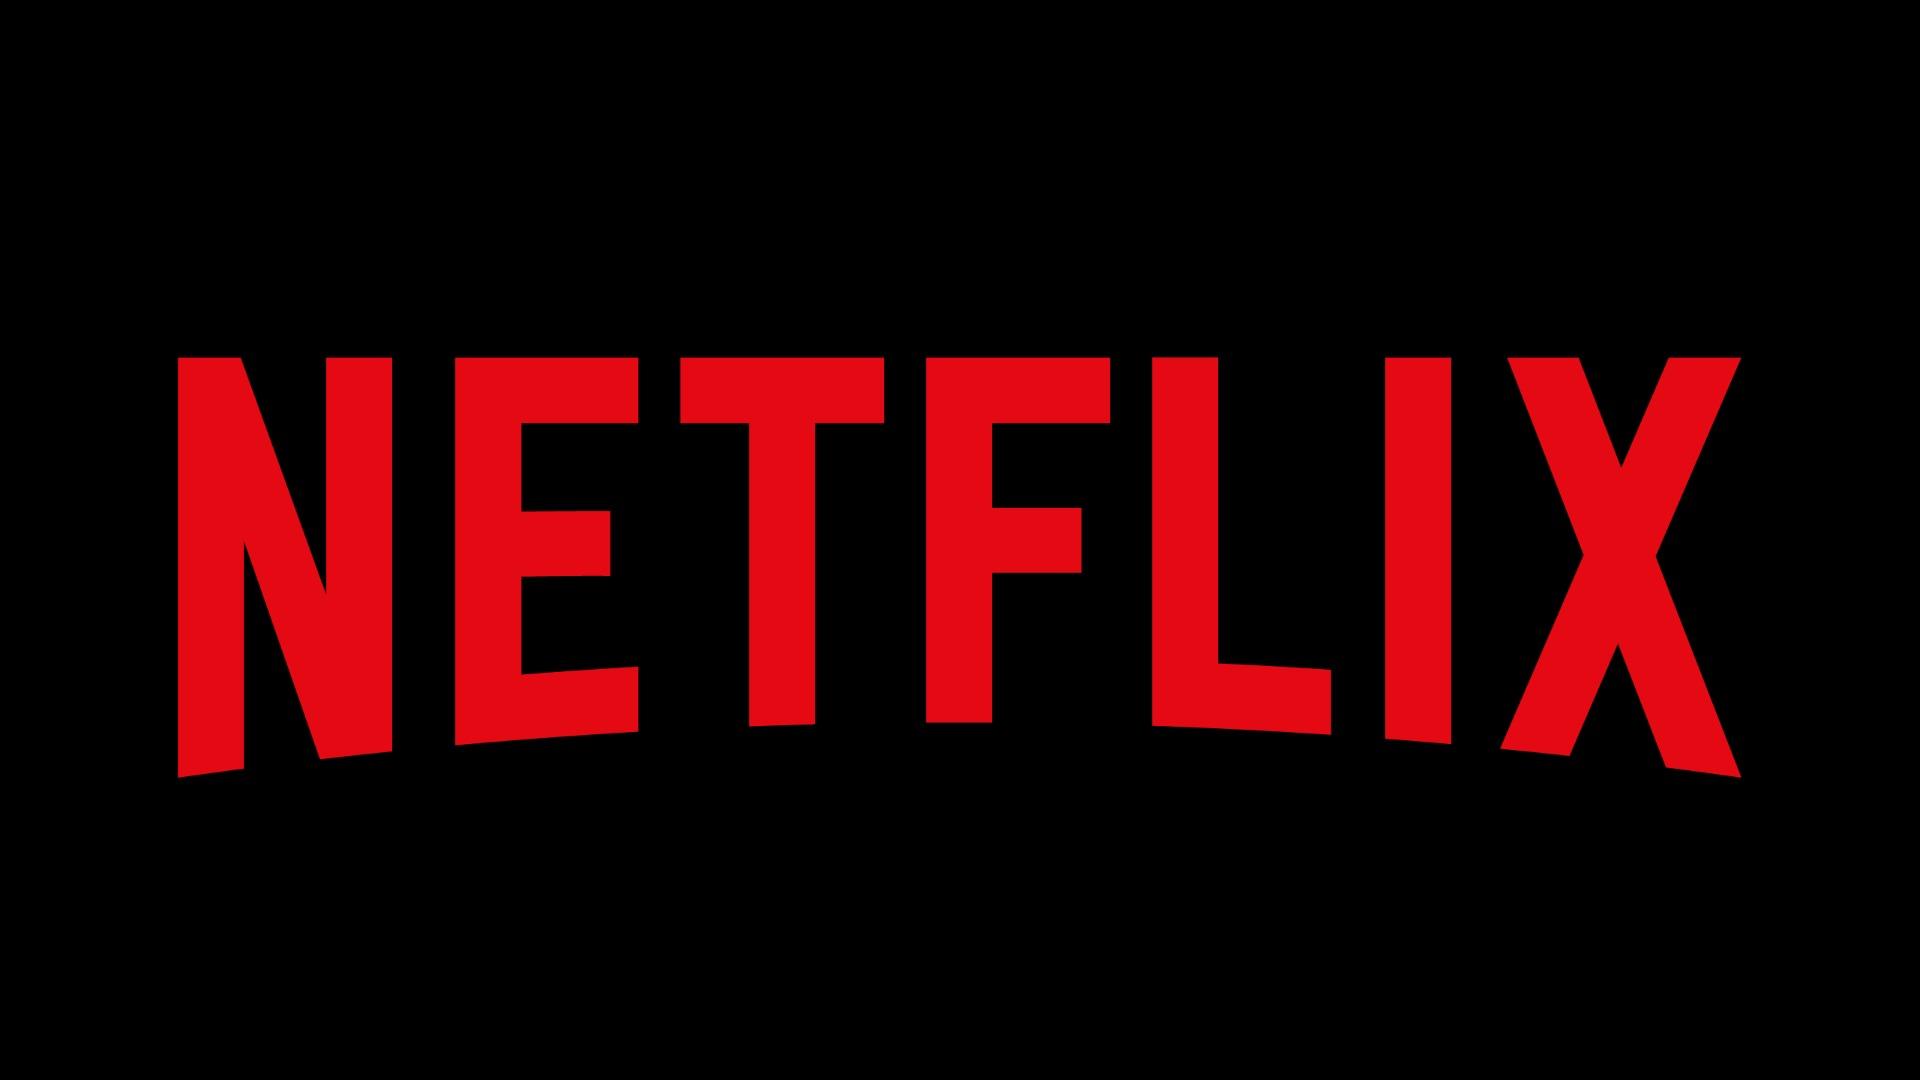 Netflix logotyp